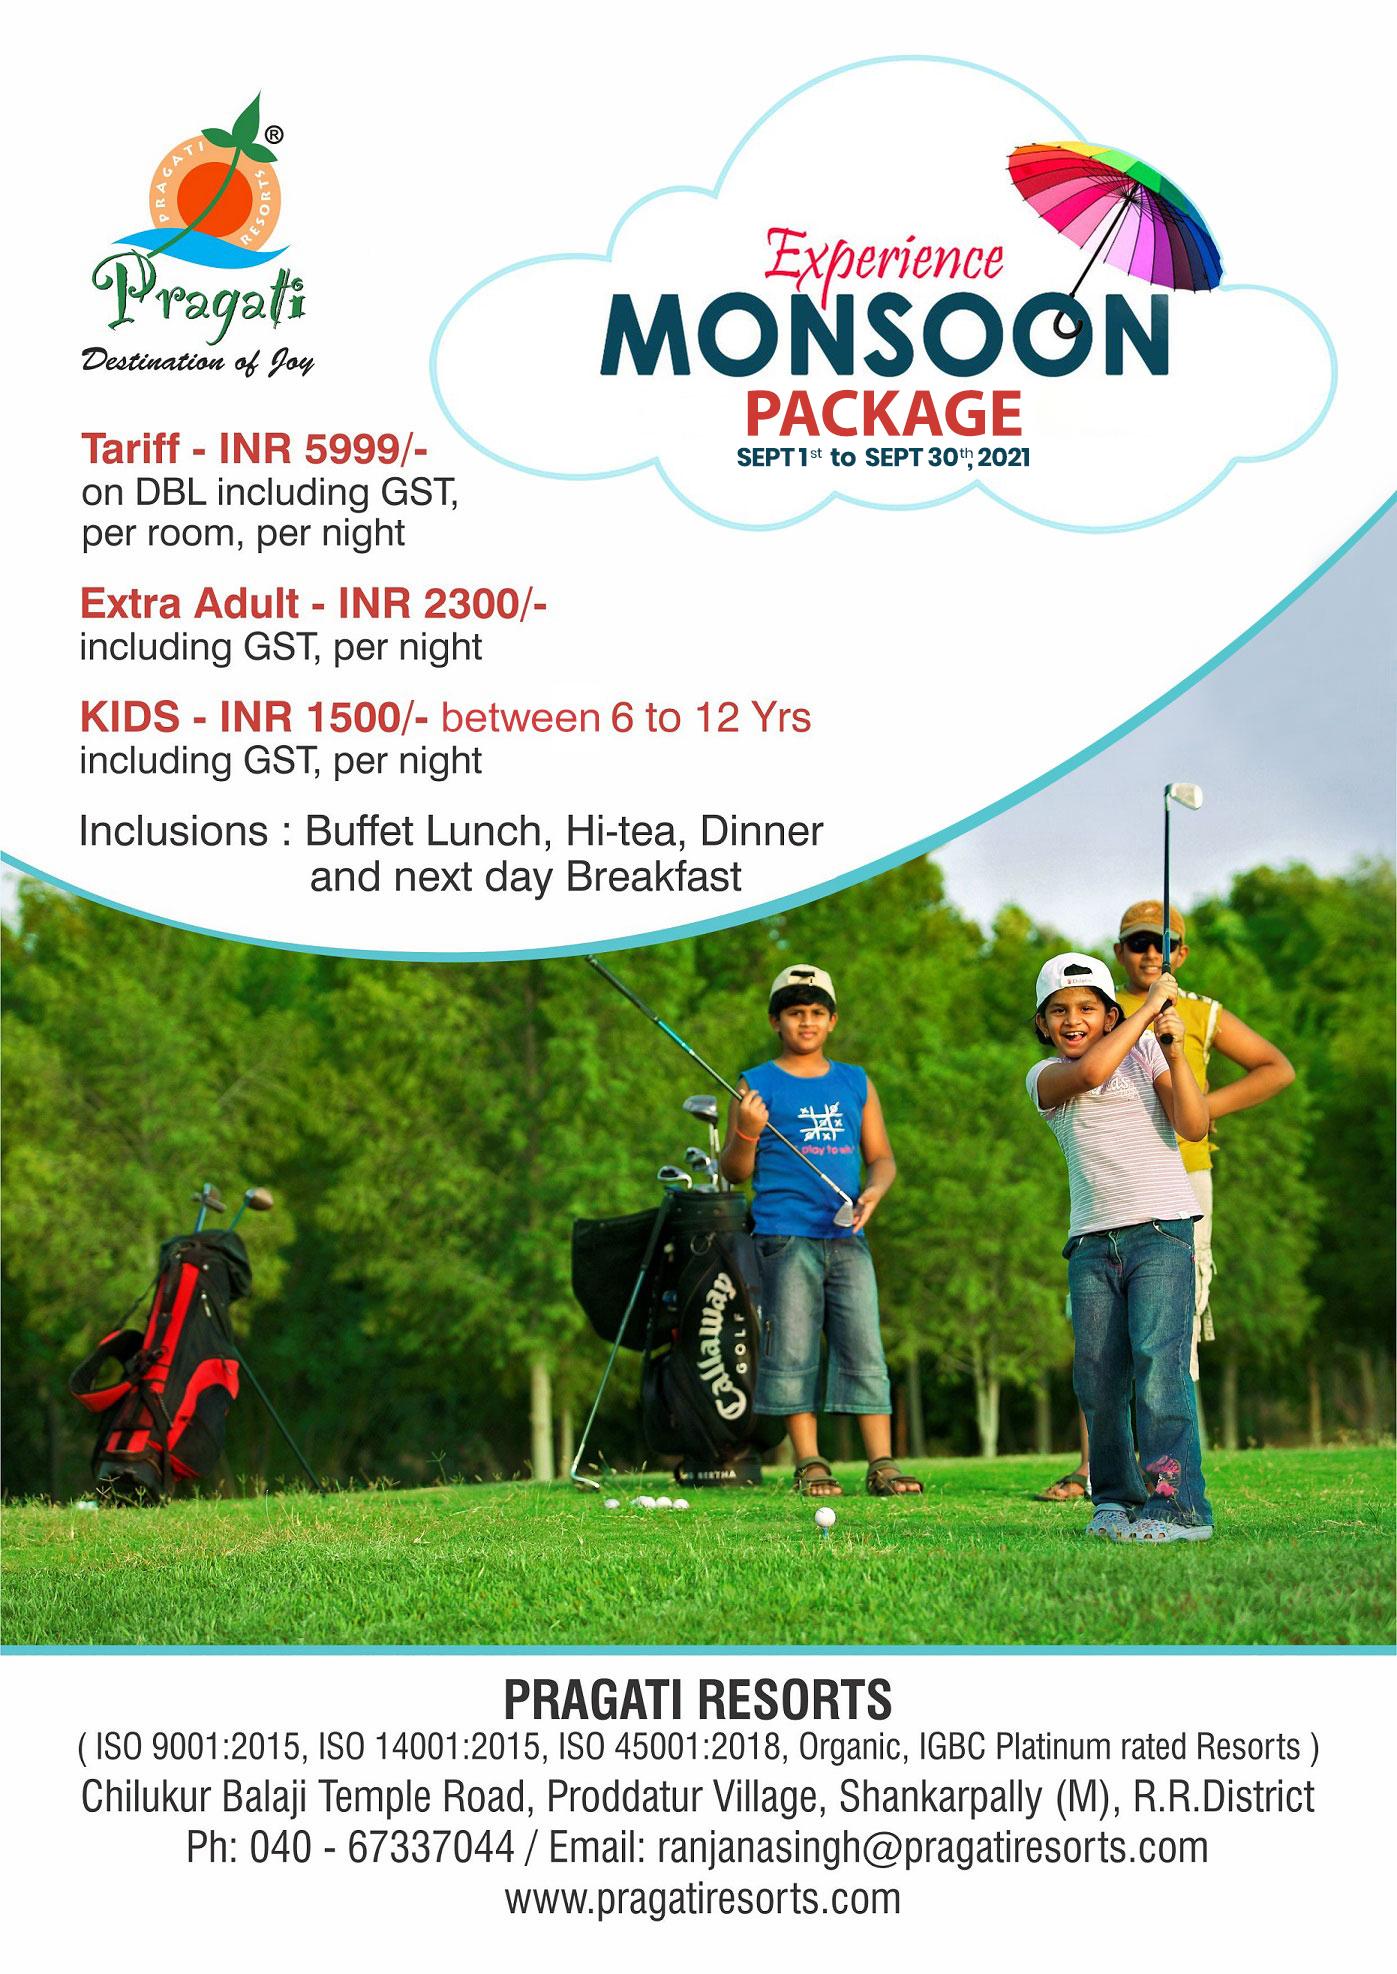 Pragati Monsoon Package 2021